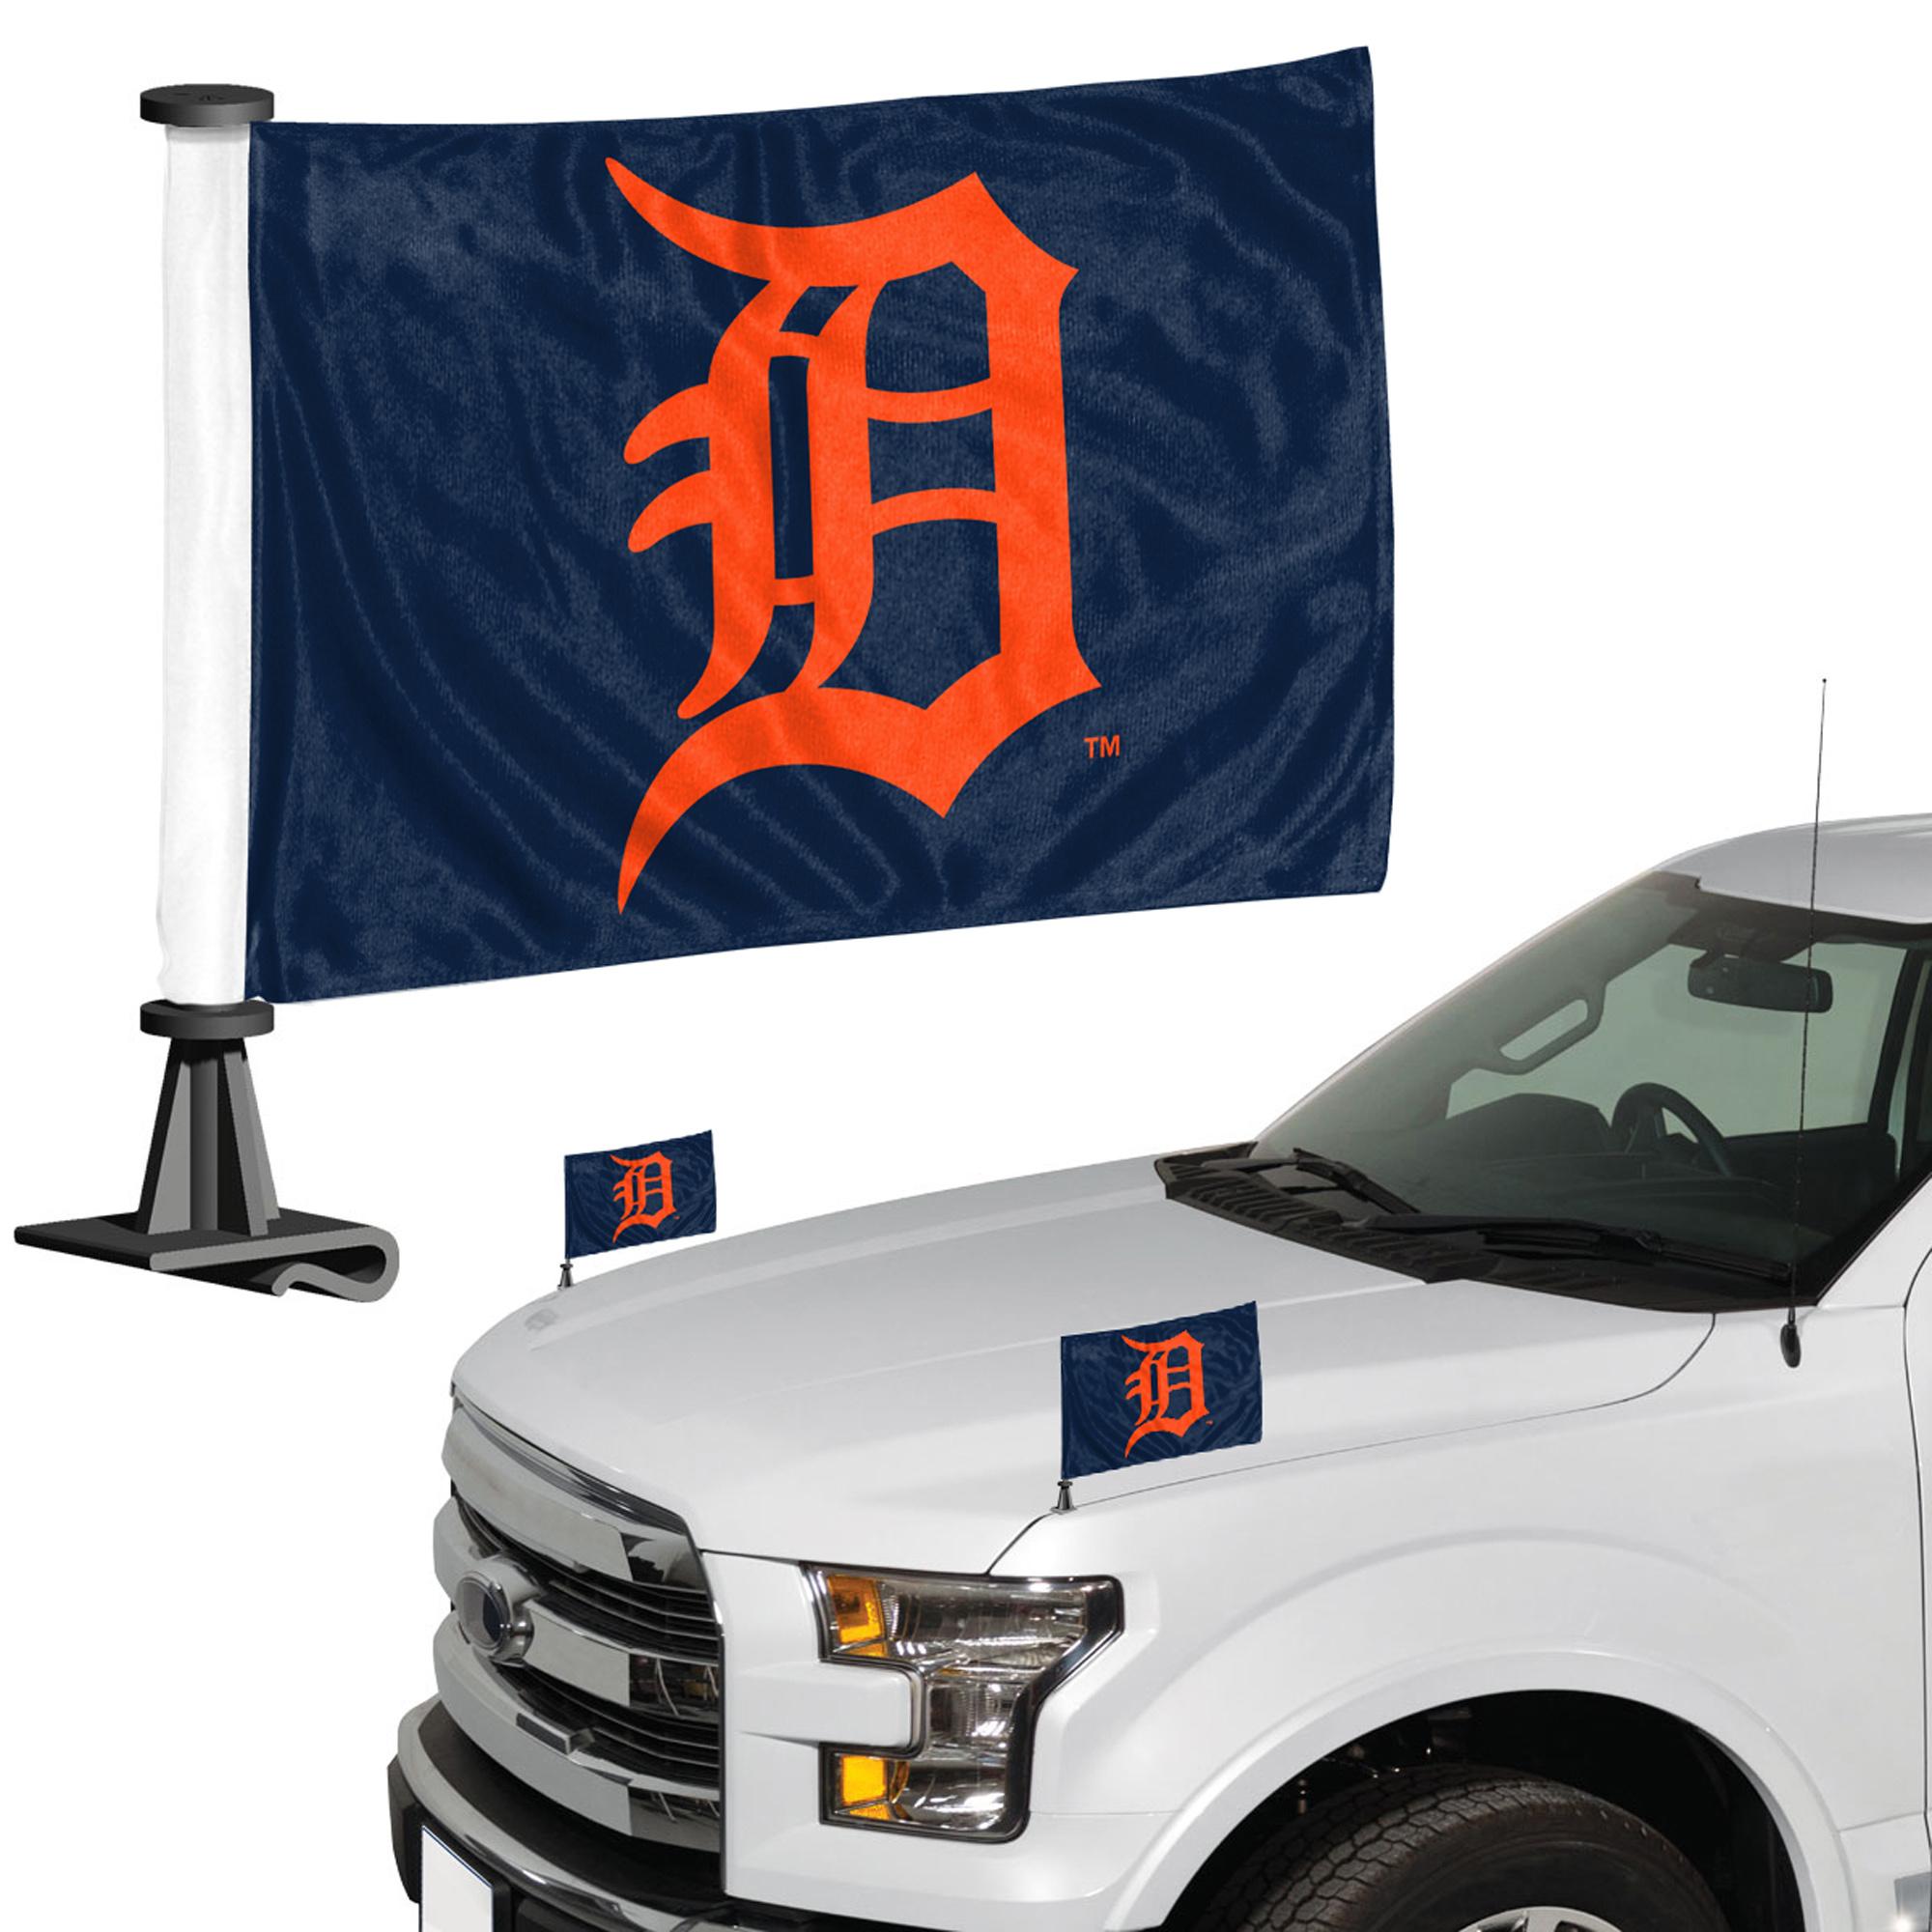 Detroit Tigers Auto Ambassador Flag Set - No Size